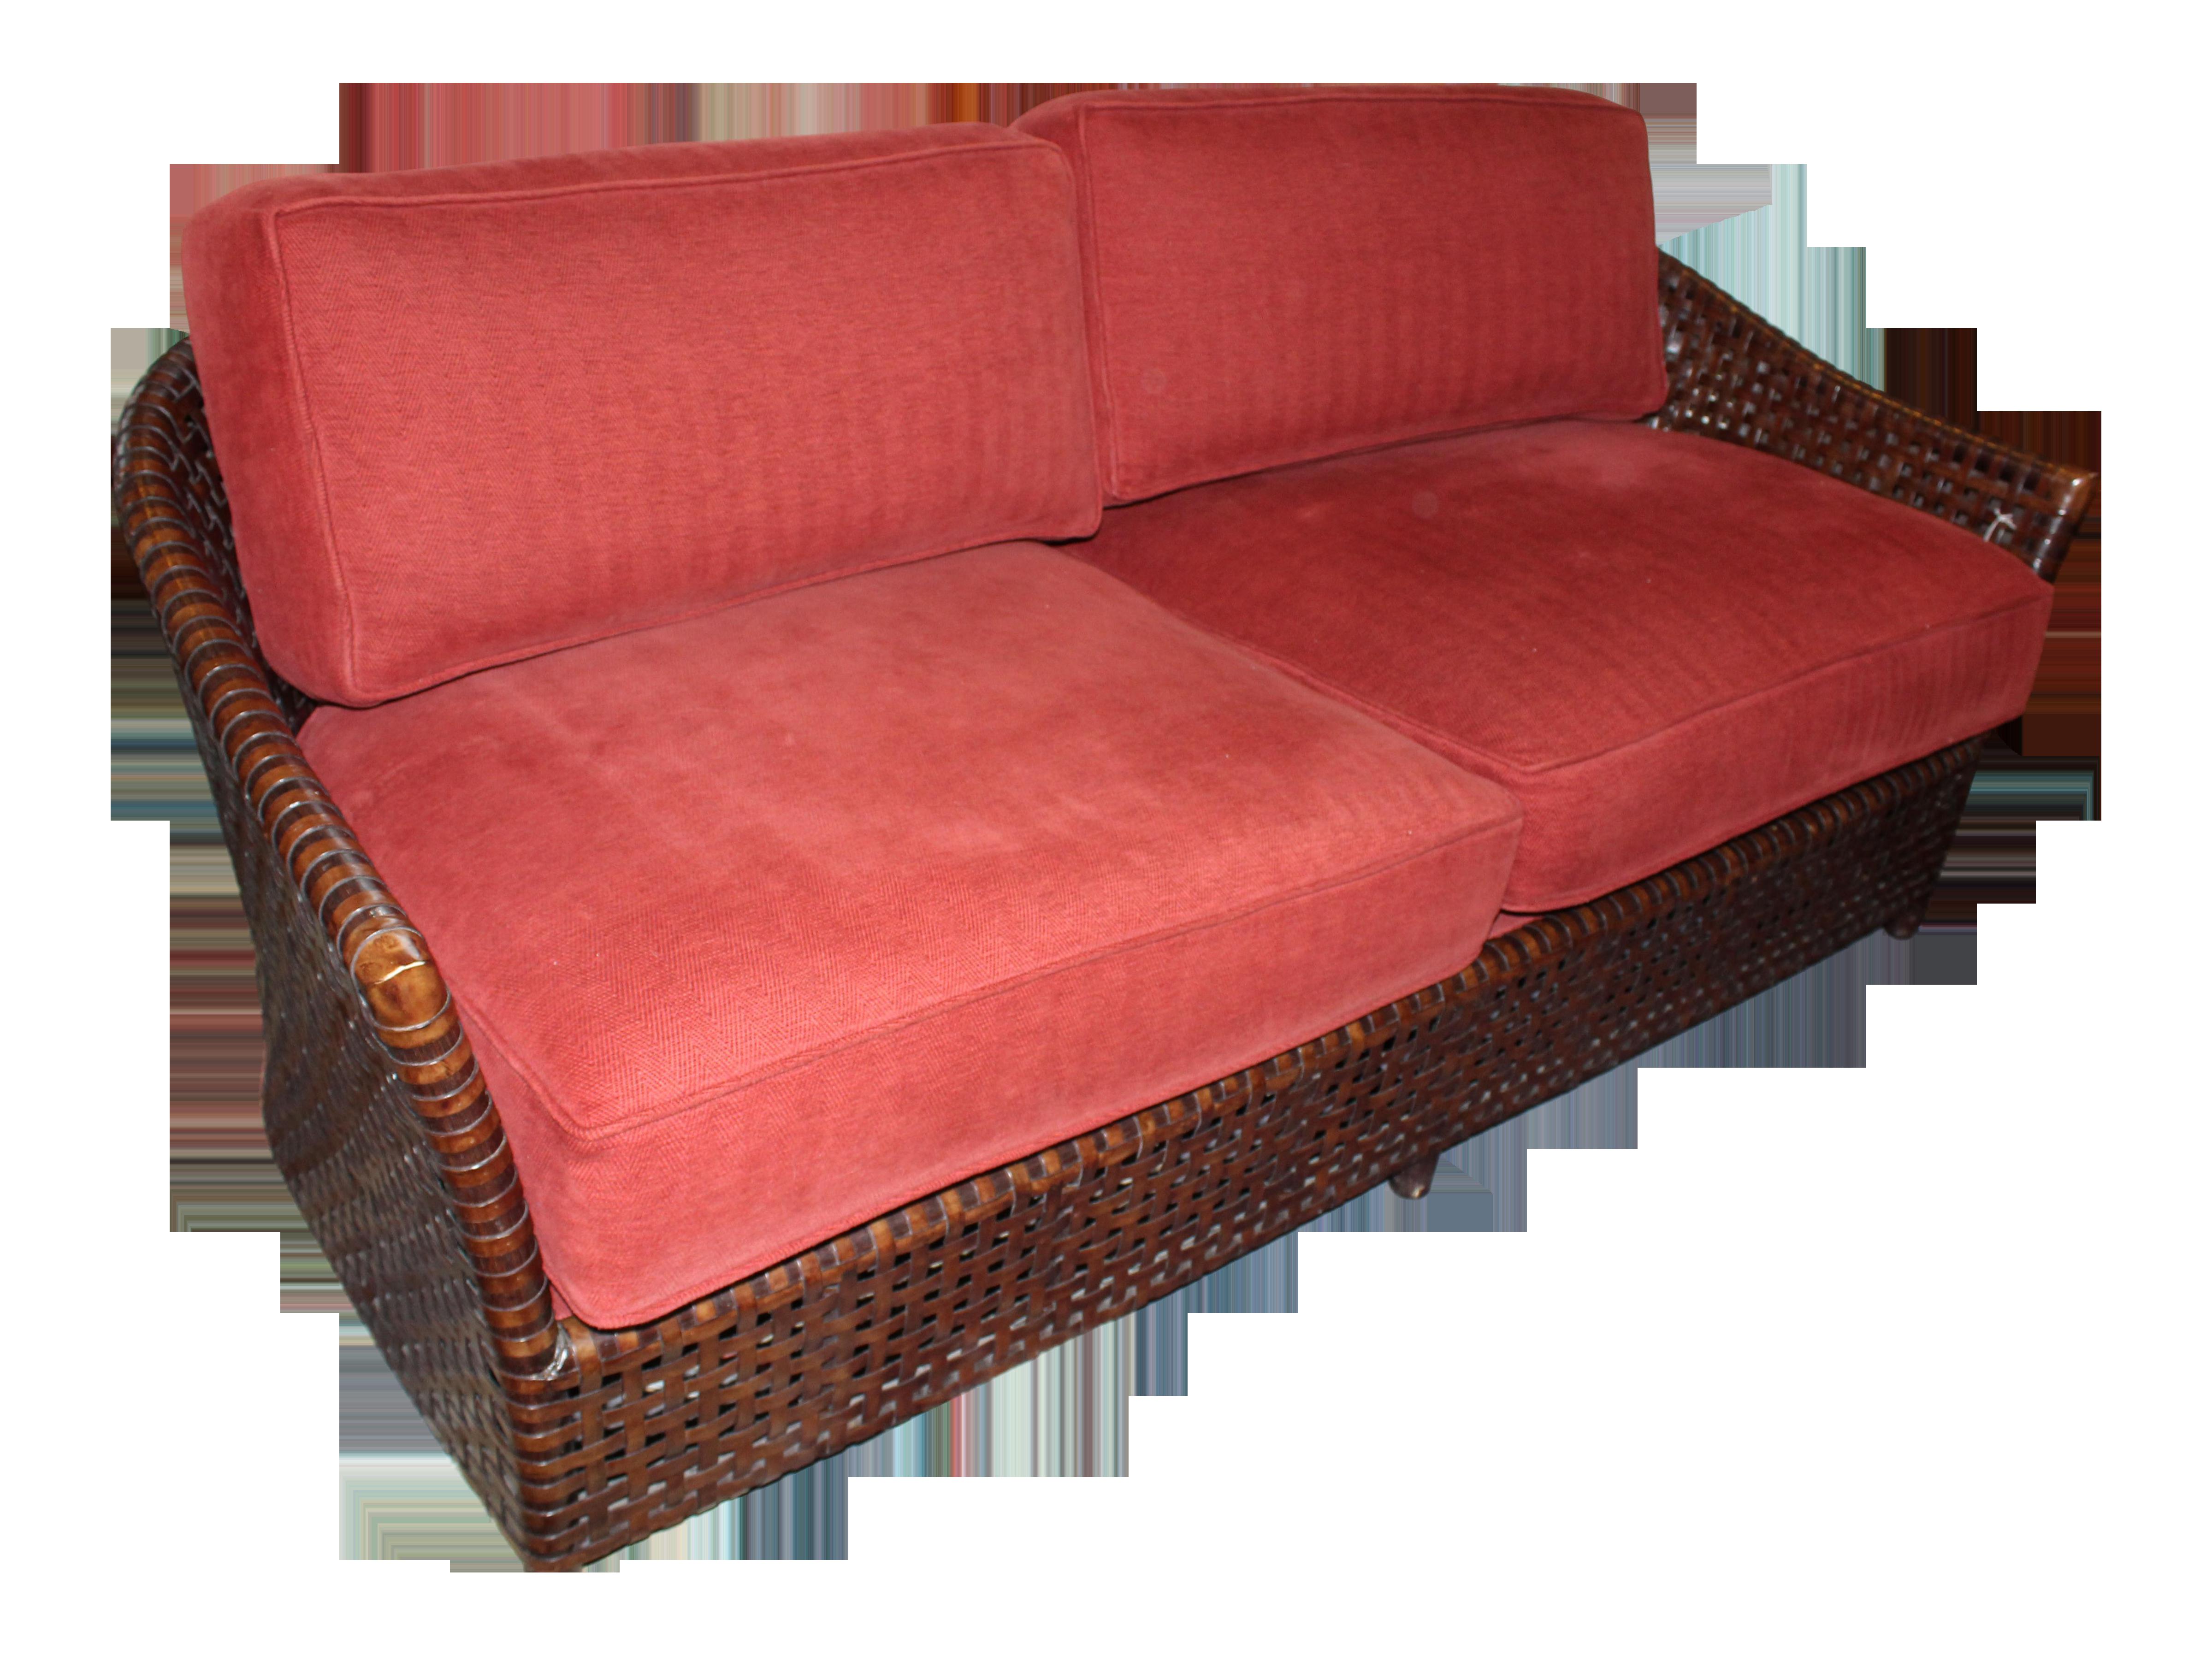 Mcguire Leather Rattan Sofa Chairish